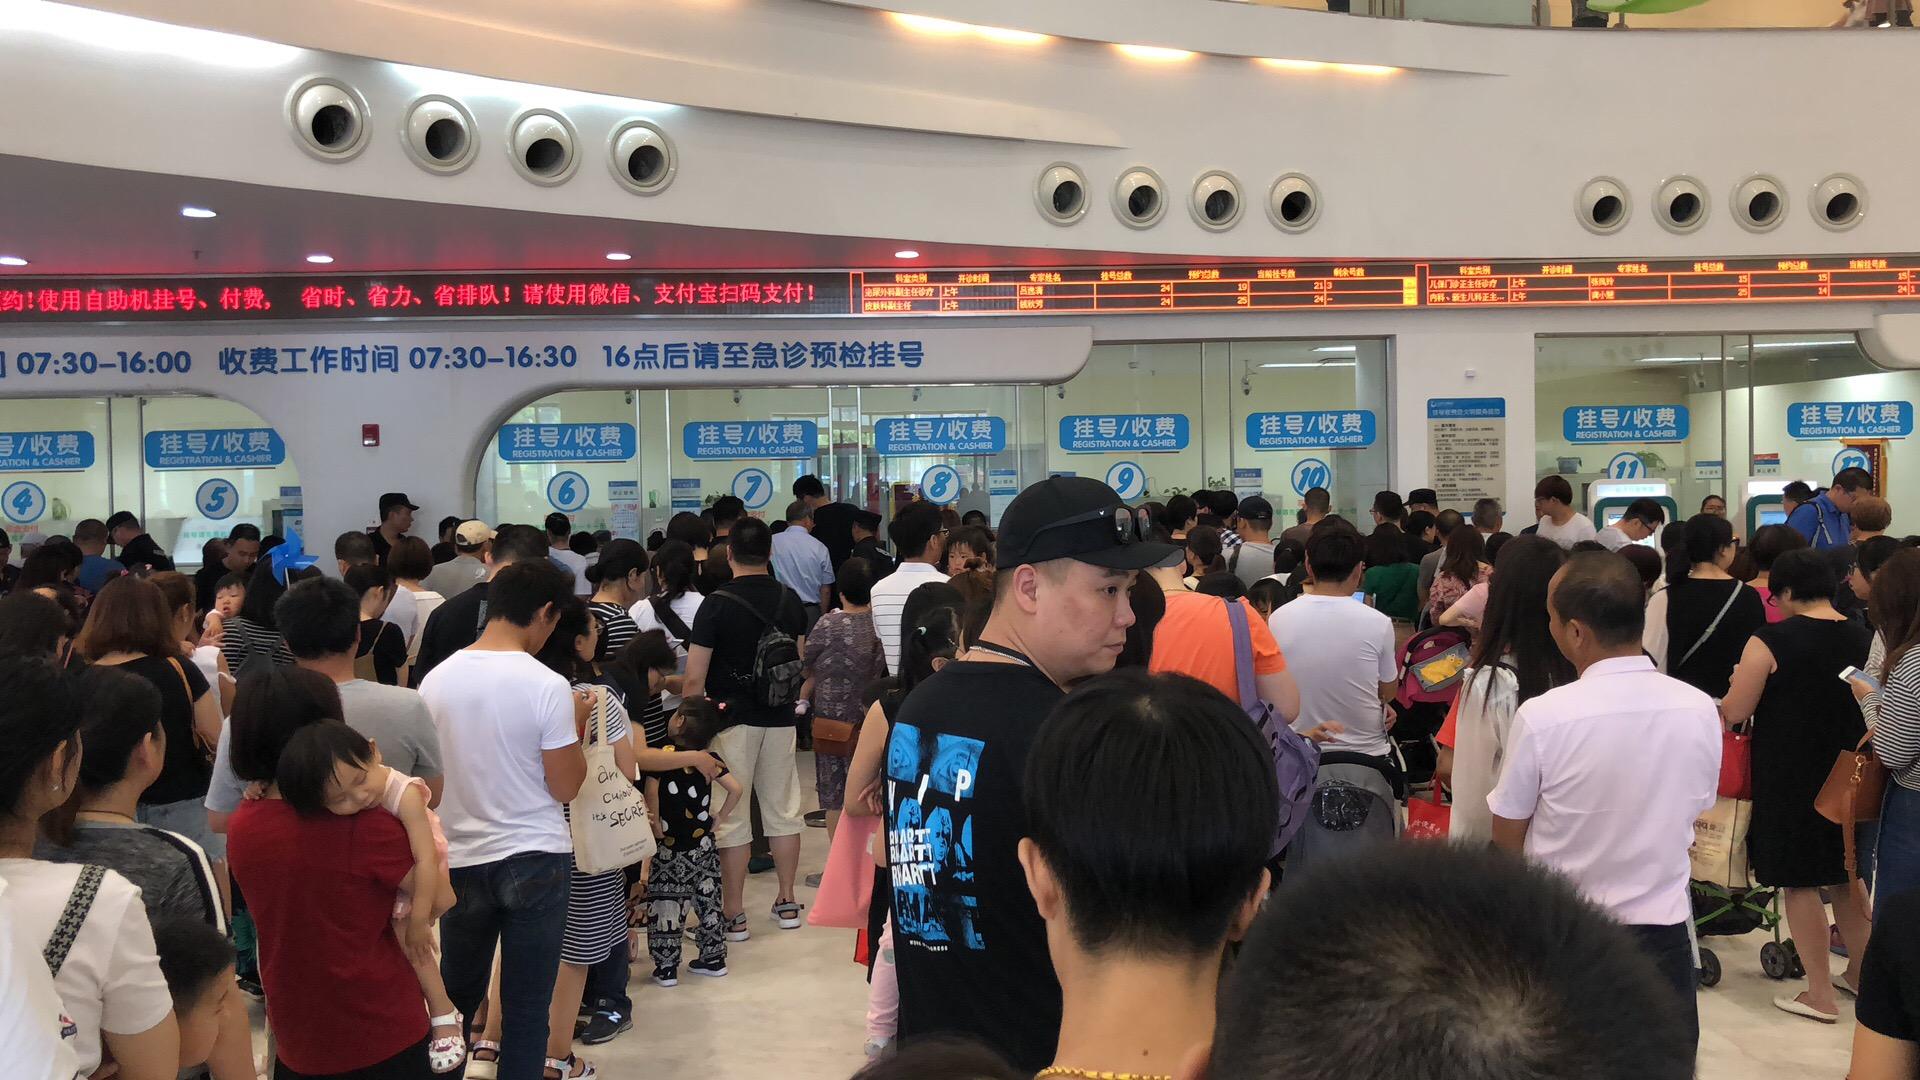 上海多家医院上午突遇医保卡无法结账 患者需自费付费